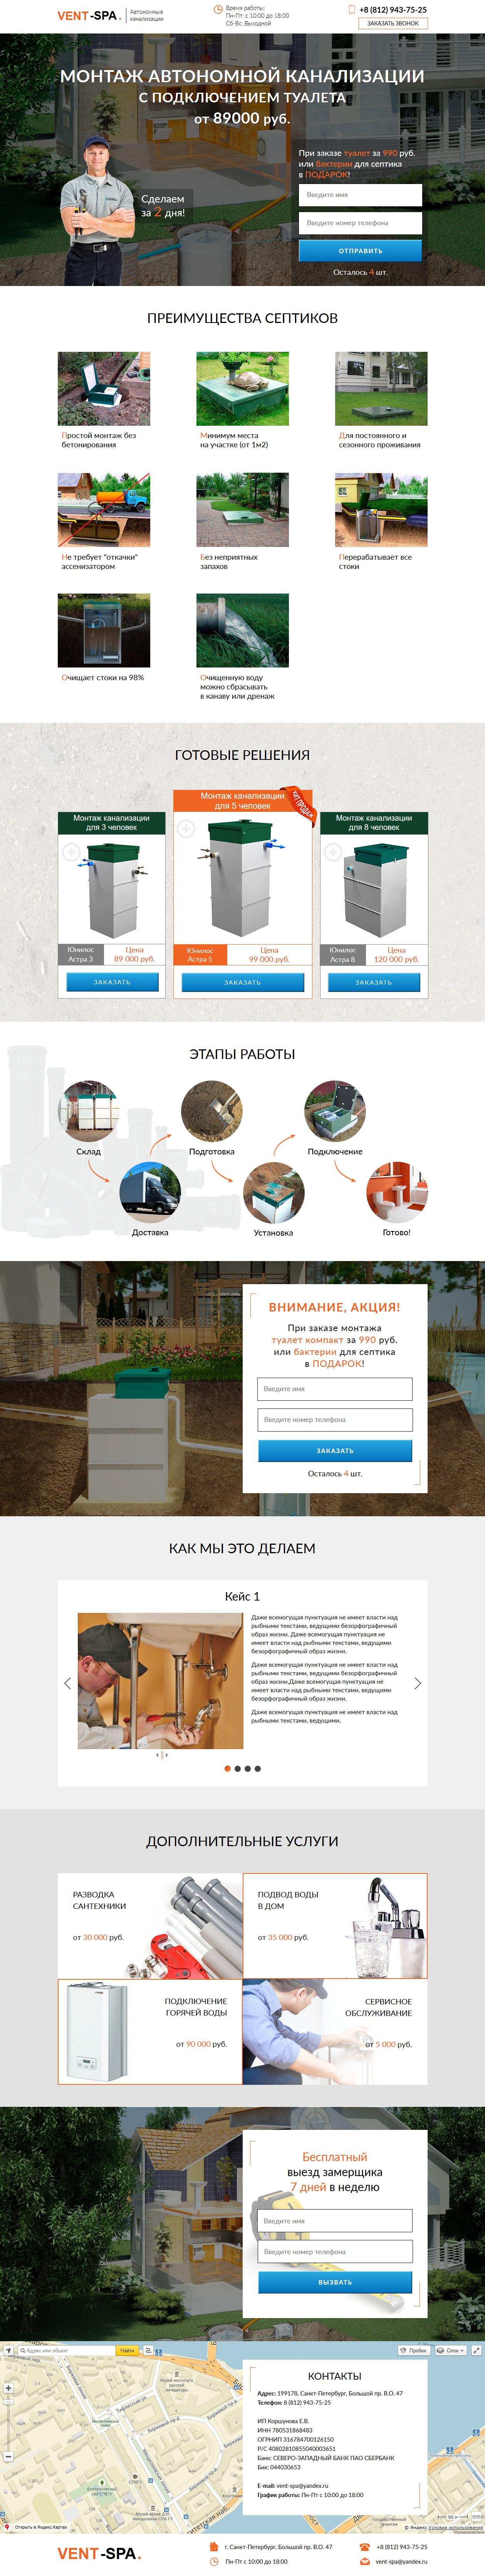 Landing Page для компании Vent-spa + адаптация под мобильный